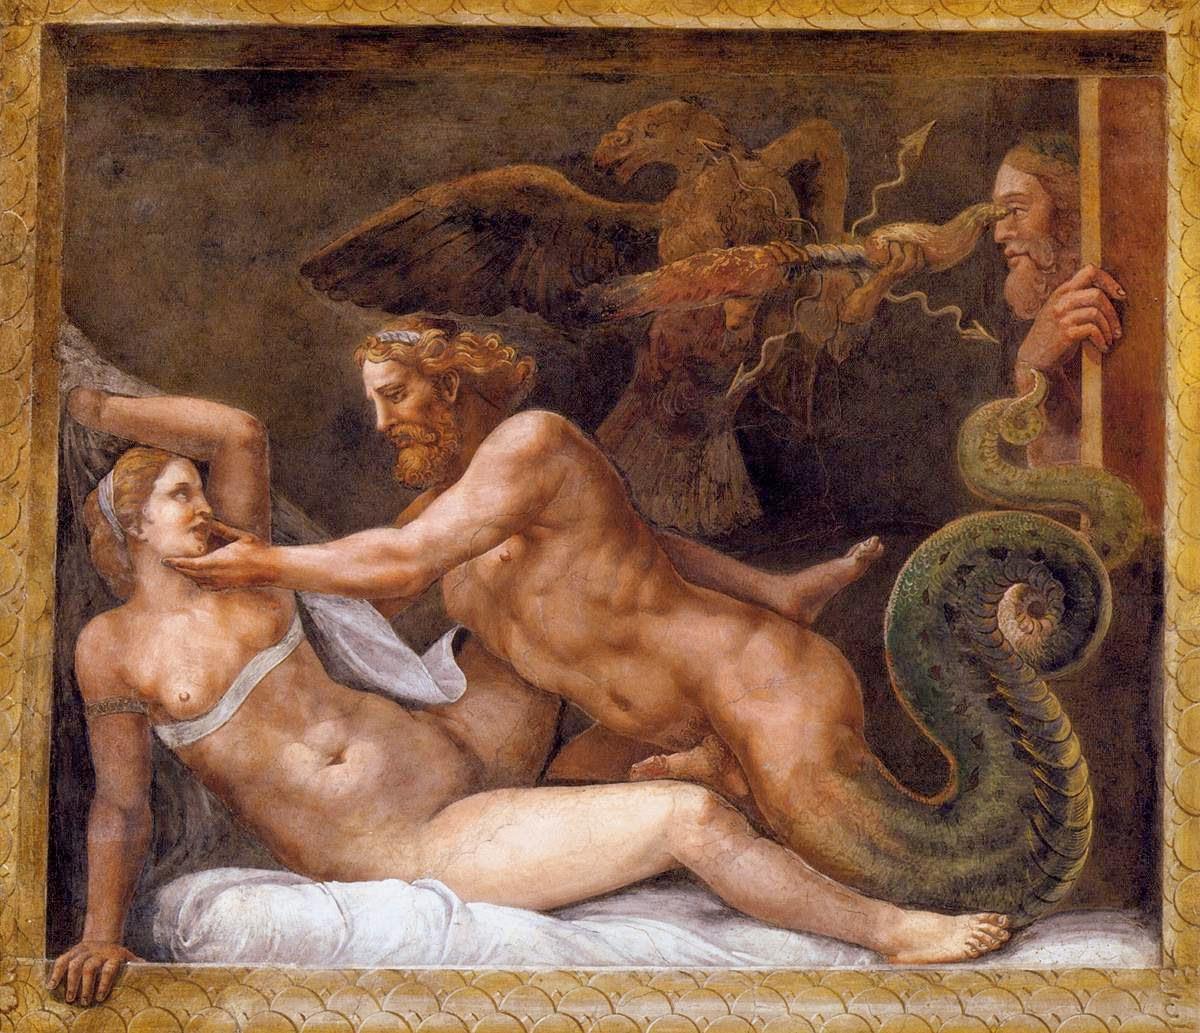 tehnologiya-zhivopisi-art-erotiki